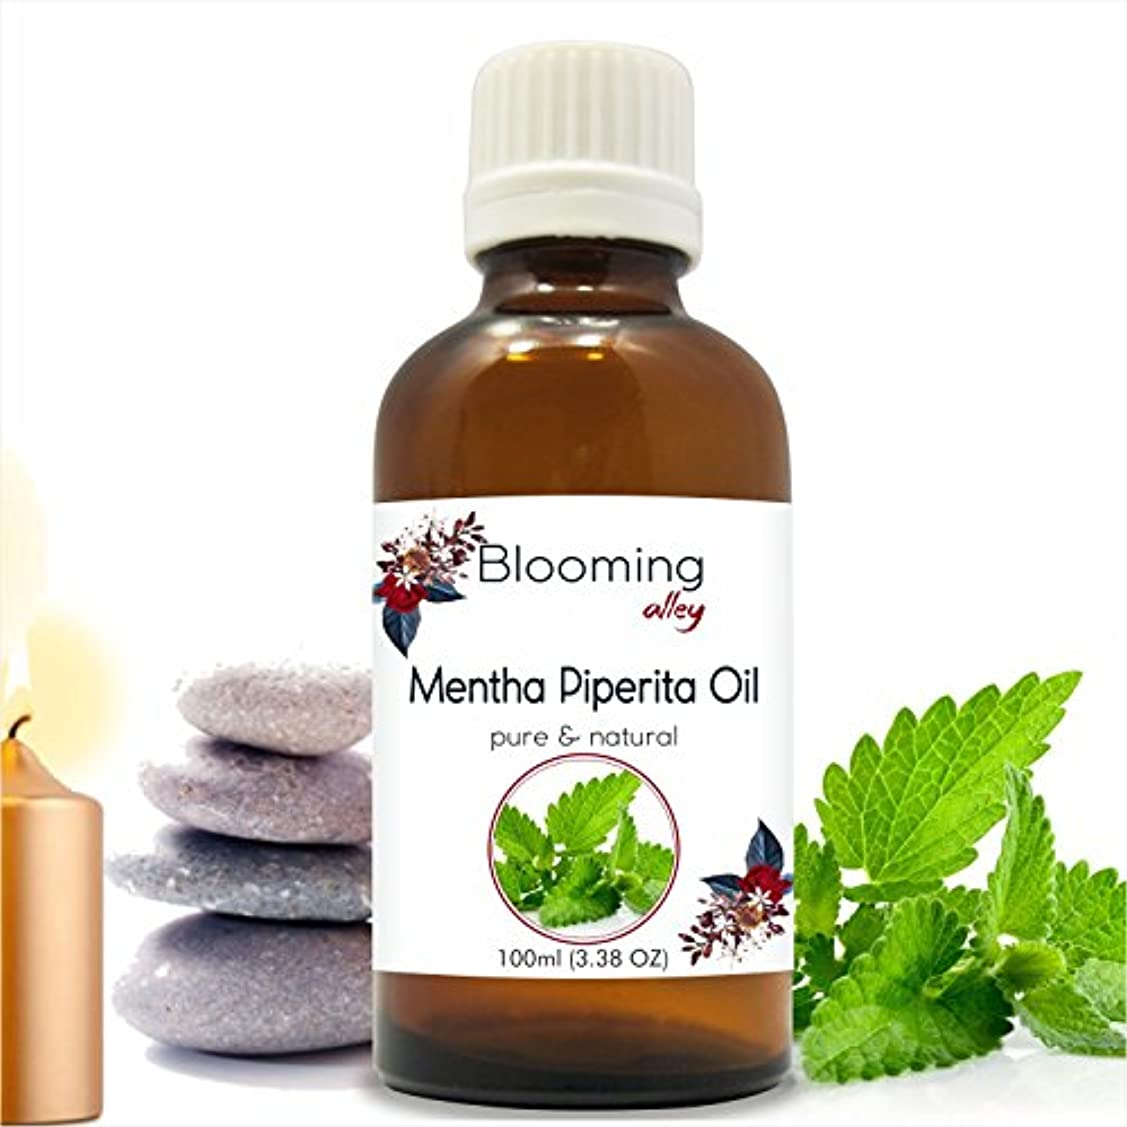 ヒステリック減少砲撃Menthapipreta Oil(Mentha Piperita) Essential Oil 100 ml or 3.38 Fl Oz by Blooming Alley